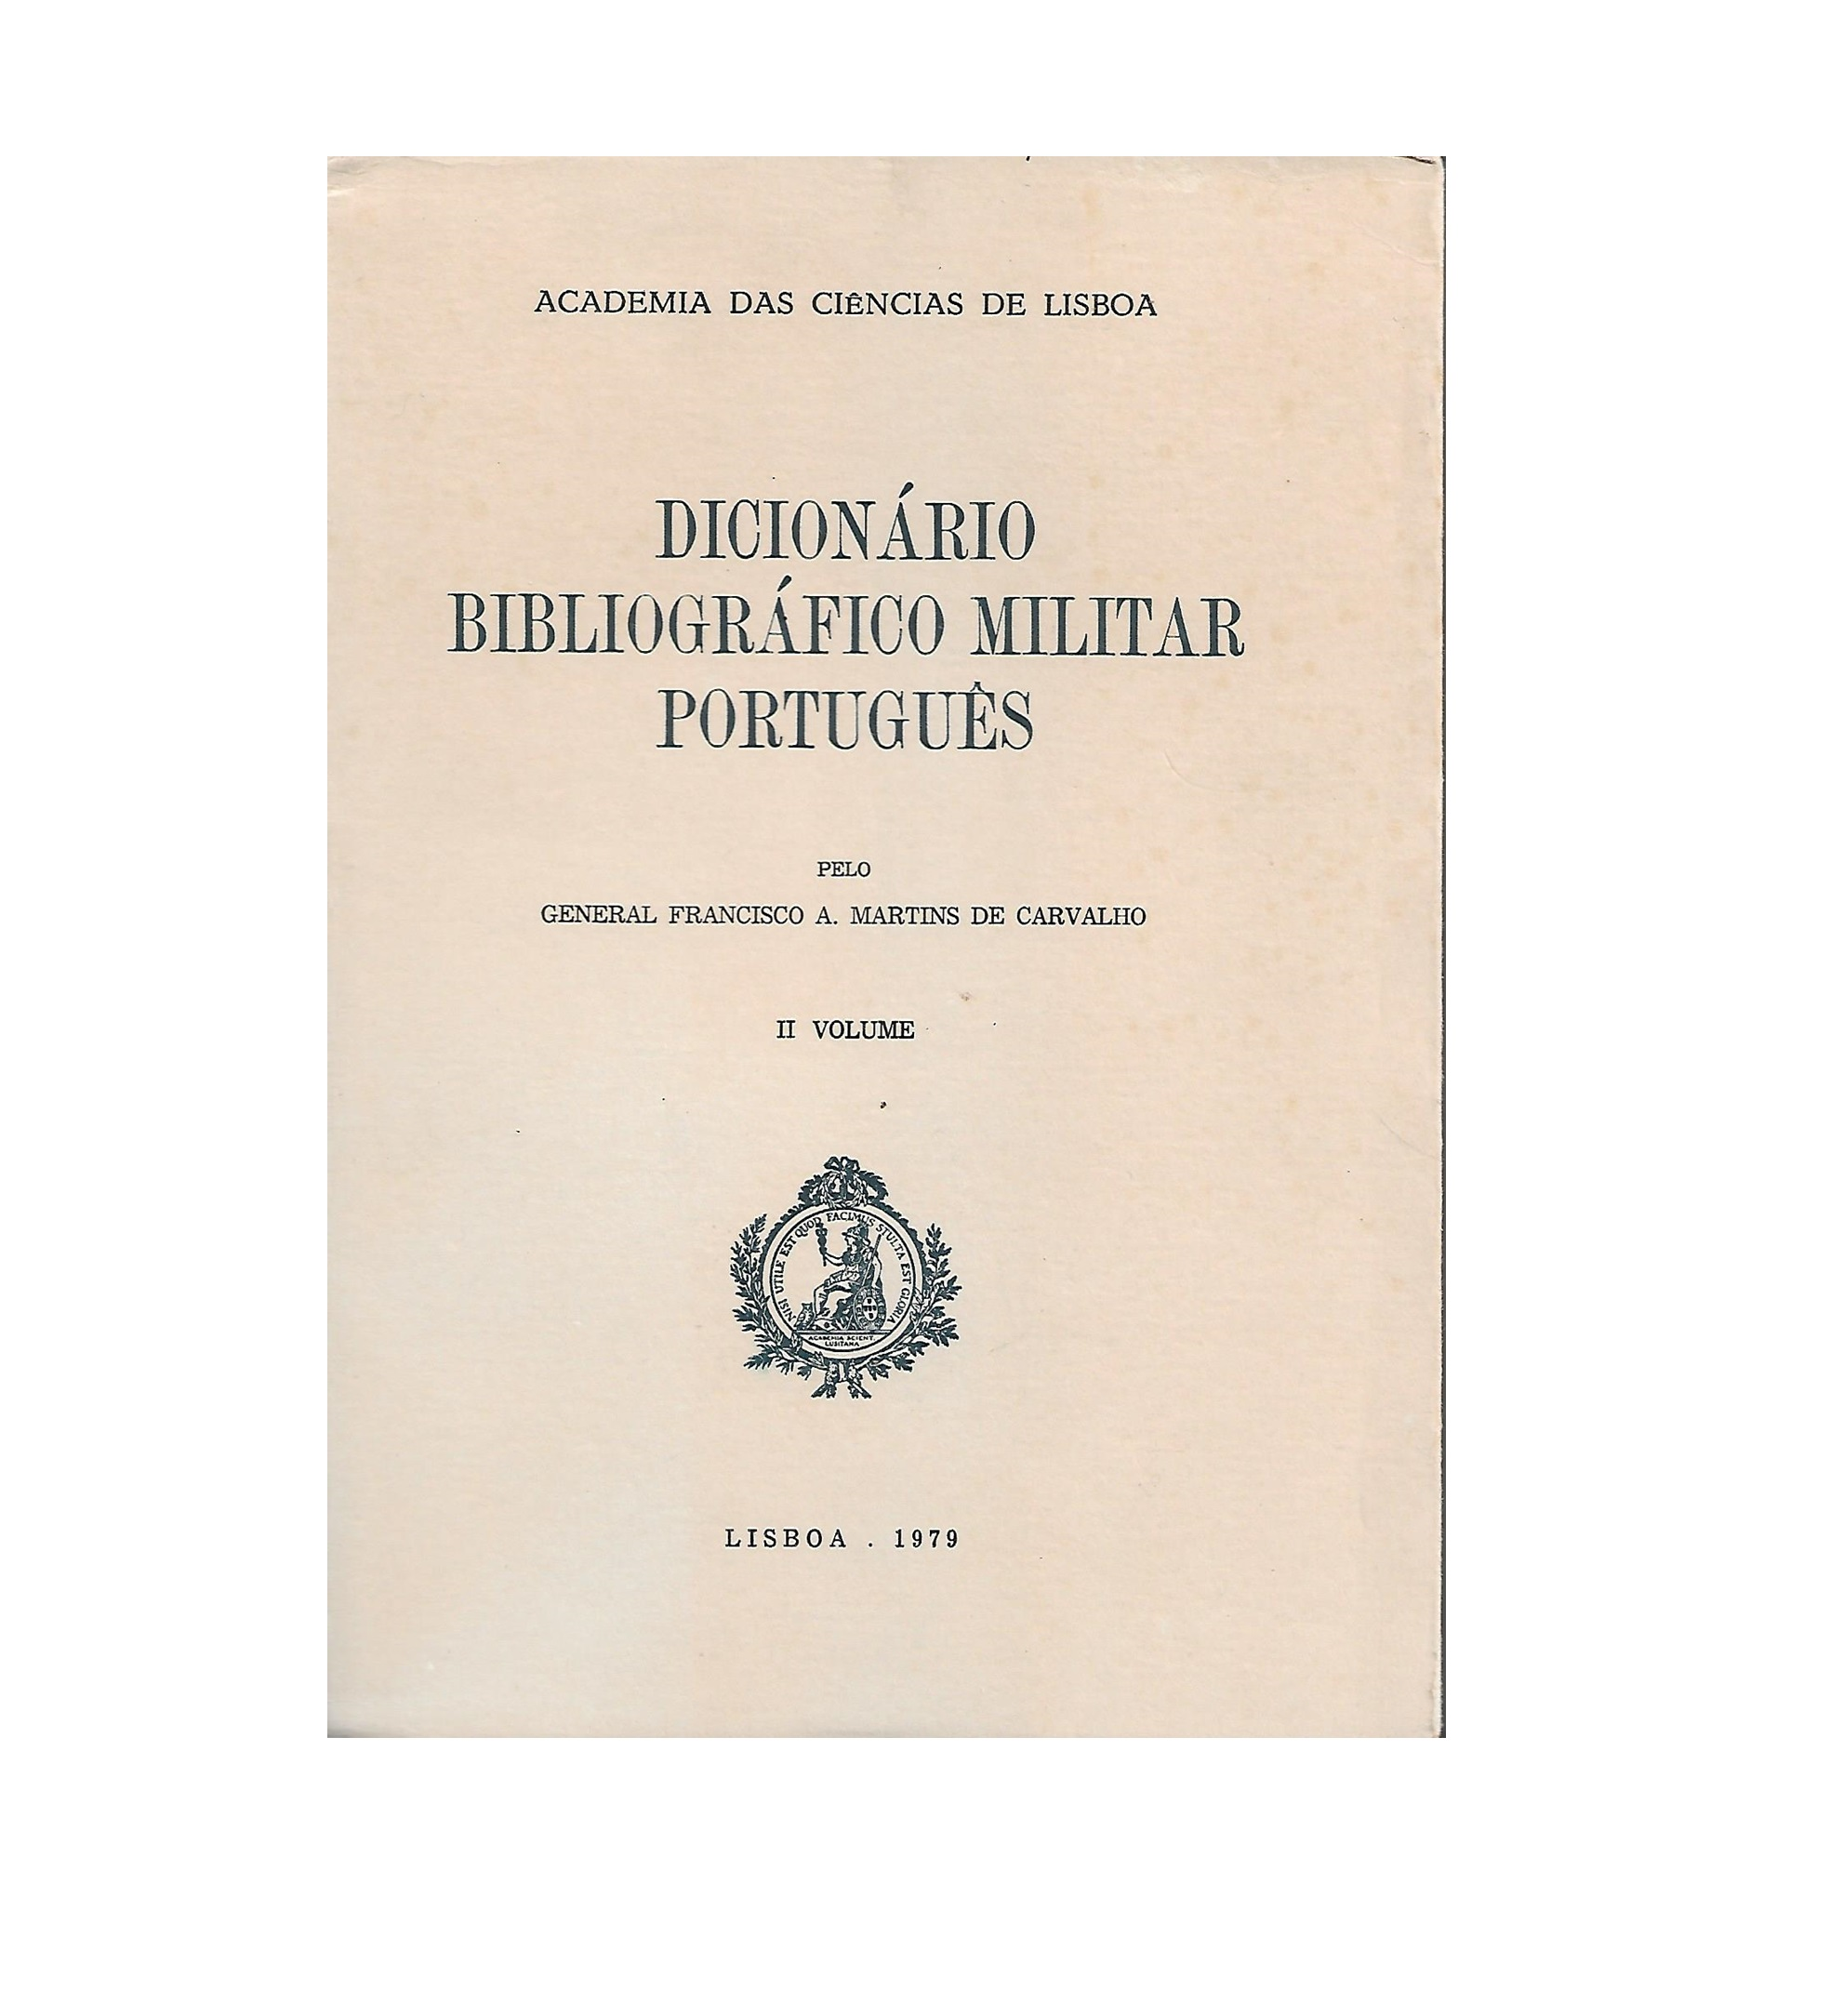 Dicionário Bibliográfico Militar  Português.